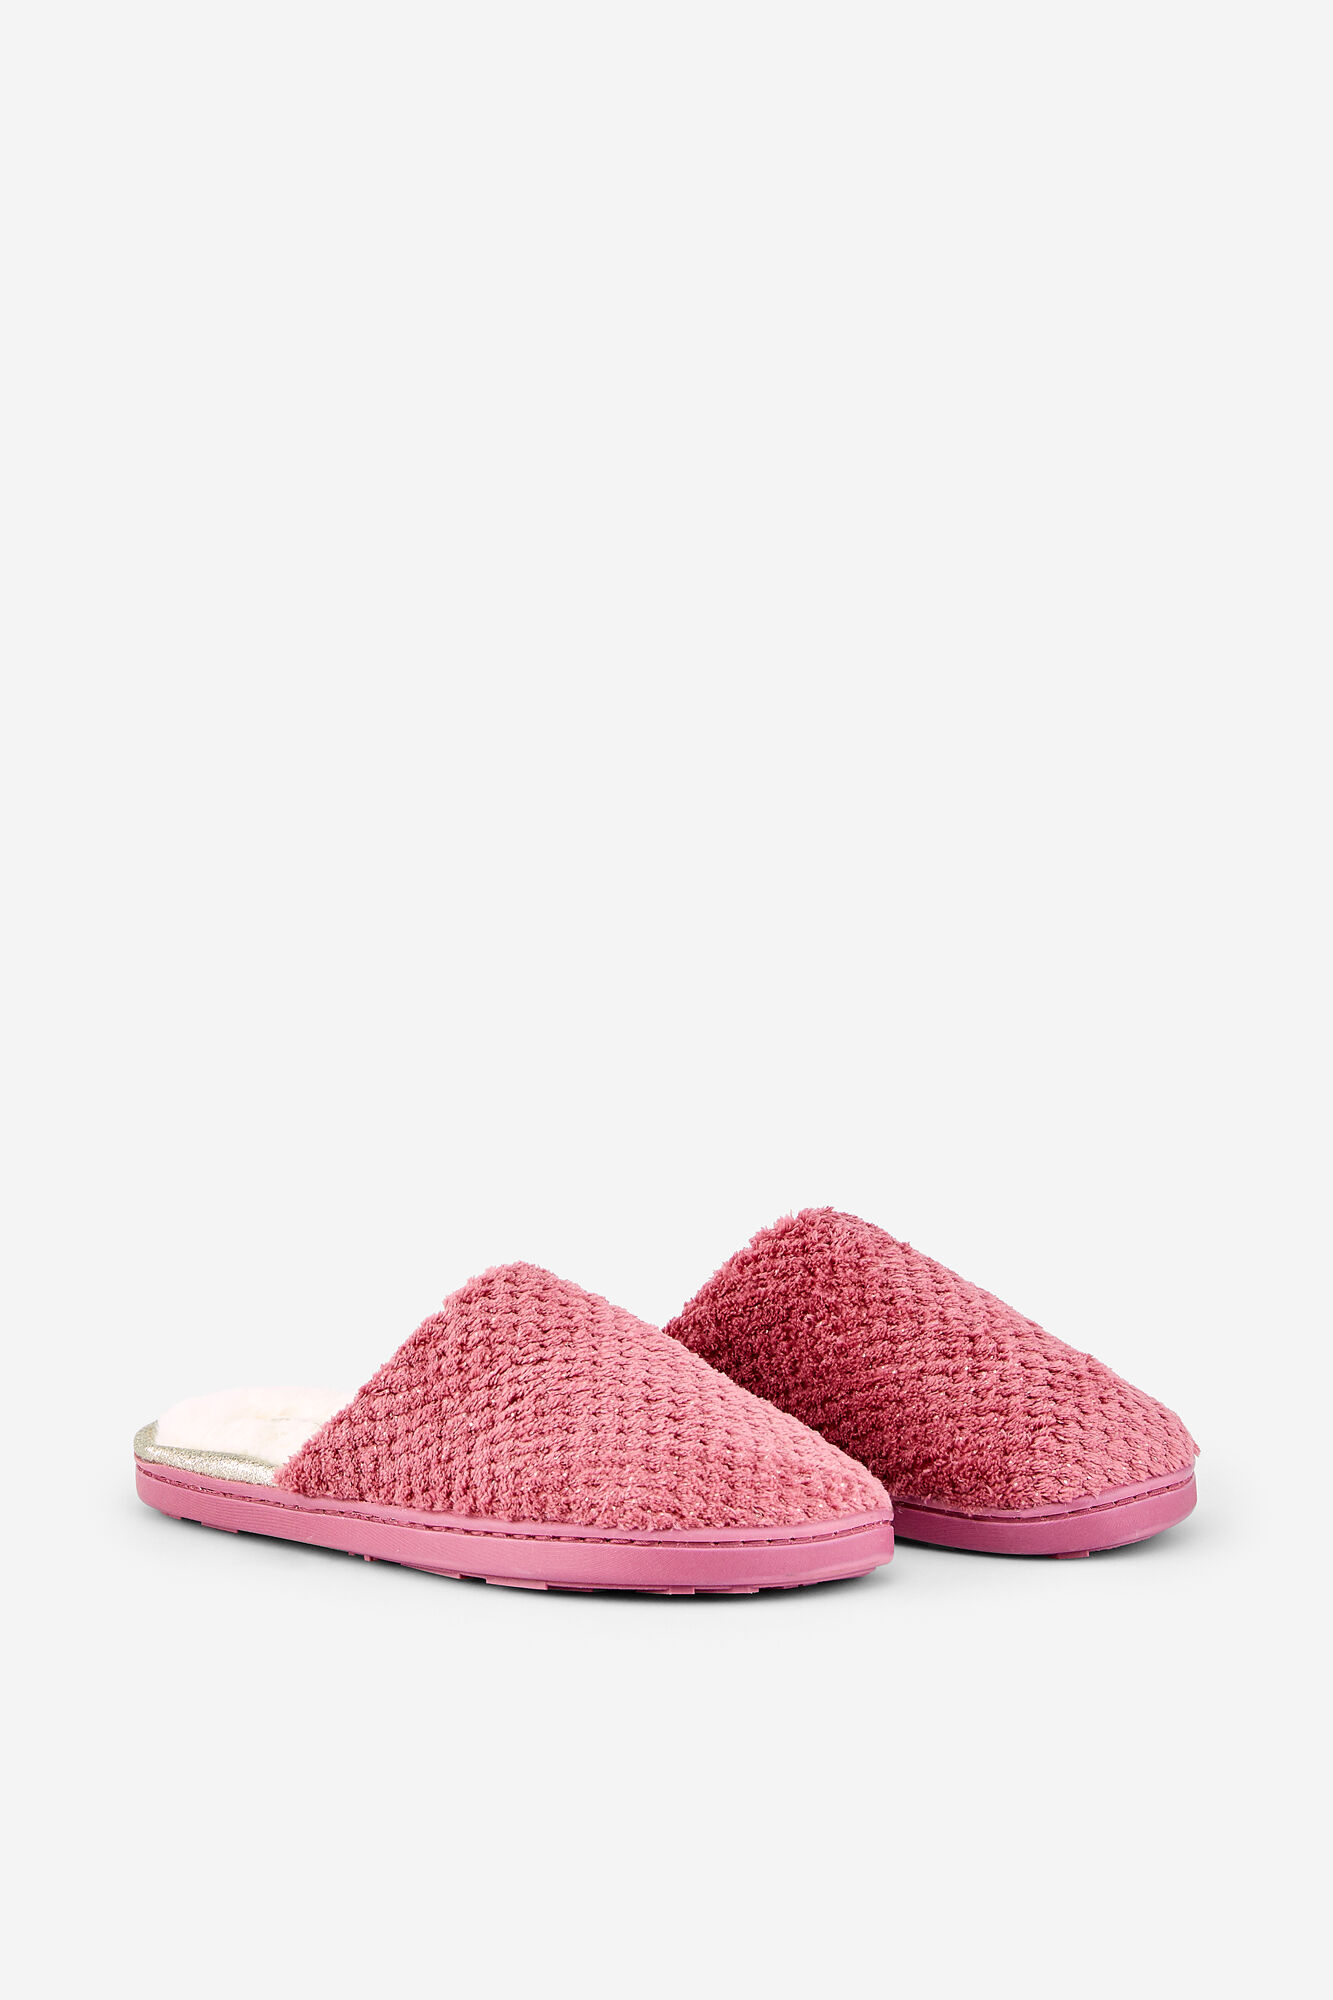 calidad superior seleccione para oficial los Angeles Zapatillas casa forradas